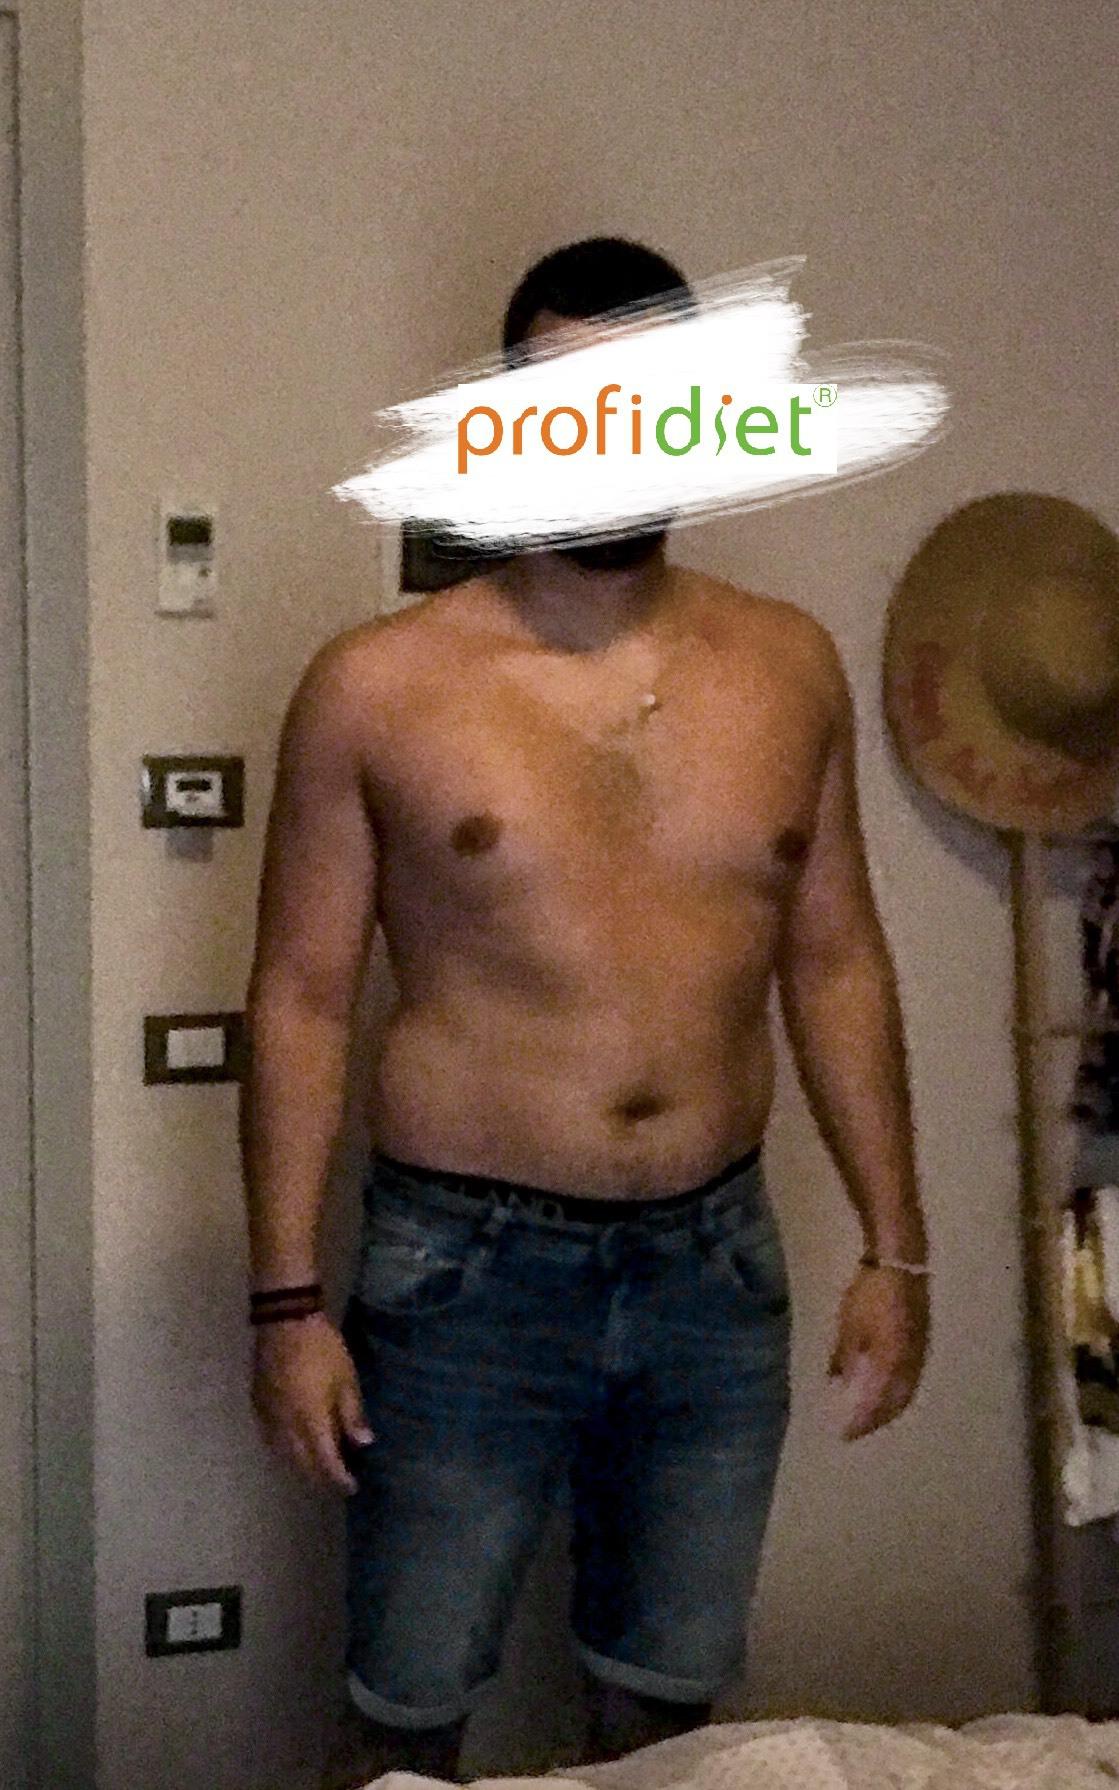 V priebehu 3 mesiacov som s Profidiet bez problémov schudol 13 kg.